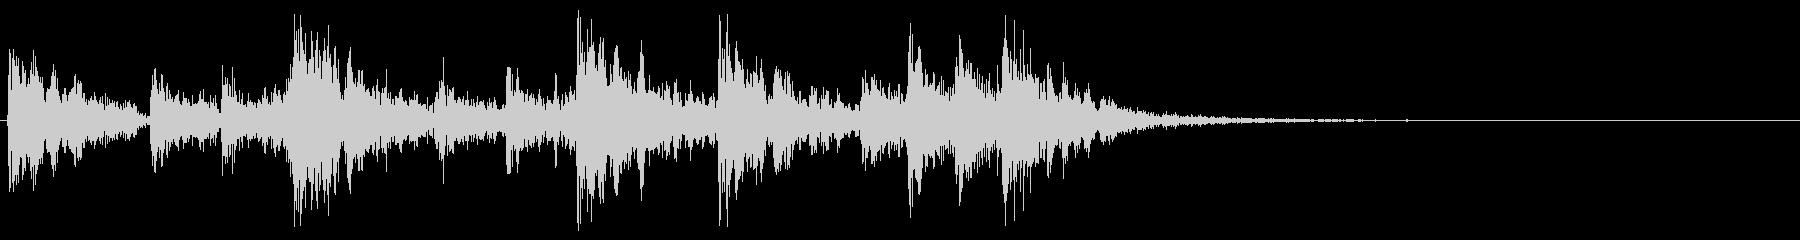 ティンパニ、スネアのパワフルな転回音の未再生の波形